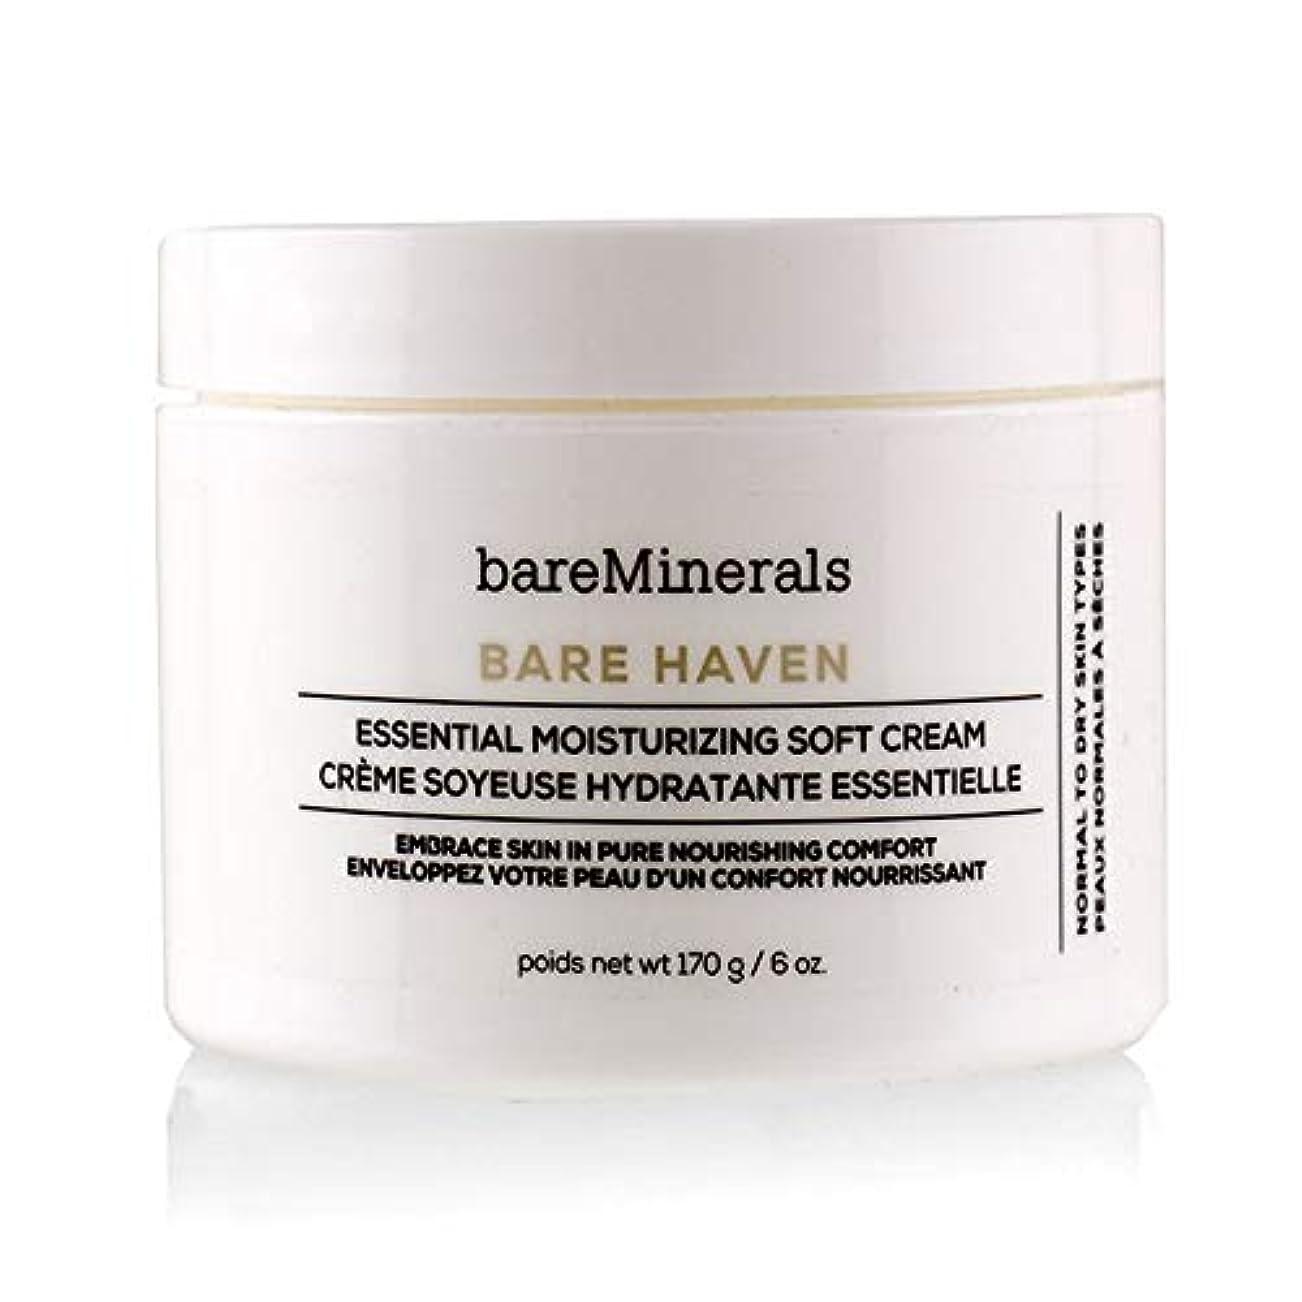 味付けビタミン流用するベアミネラル Bare Haven Essential Moisturizing Soft Cream - Normal To Dry Skin Types (Salon Size) 170g/6oz並行輸入品